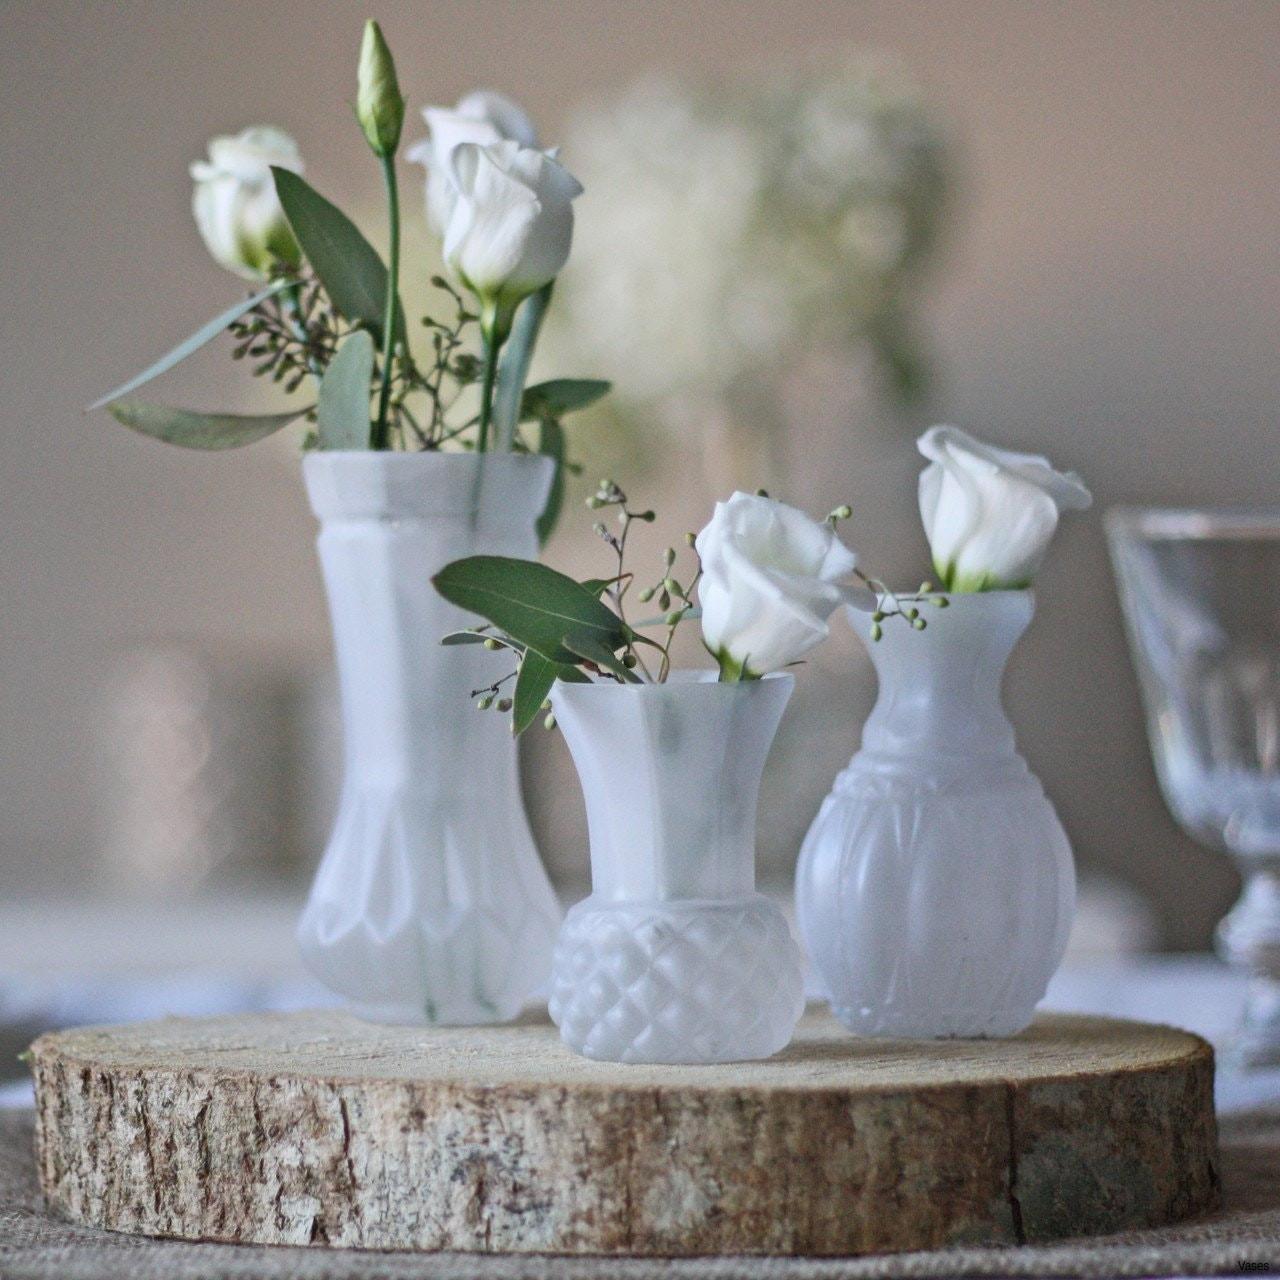 floral centerpiece vases of awesome jar flower 1h vases bud wedding vase centerpiece idea i 0d for awesome jar flower 1h vases bud wedding vase centerpiece idea i 0d white of awesome jar